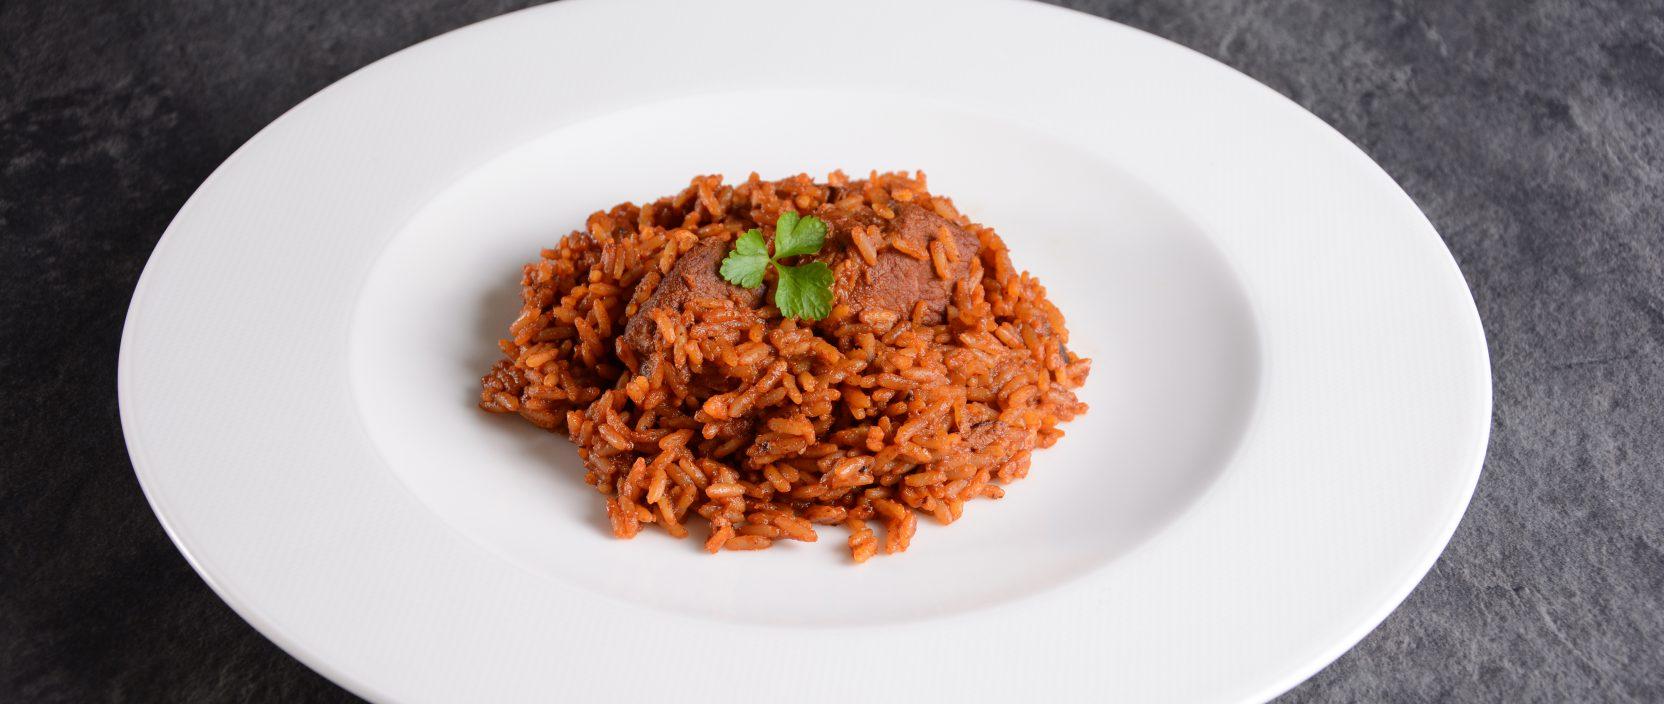 Rezept: Reisfleisch aus Durocschulter, Wiesbauer Gourmet Fleisch Online Shop. 600 g Duroc Schweineschulter, Zu Beginn den Zwiebel und Knoblauch würfelig schneiden und in einem Topf mit Öl goldbraun anbraten, anschließend Tomatenmark mitrösten ...